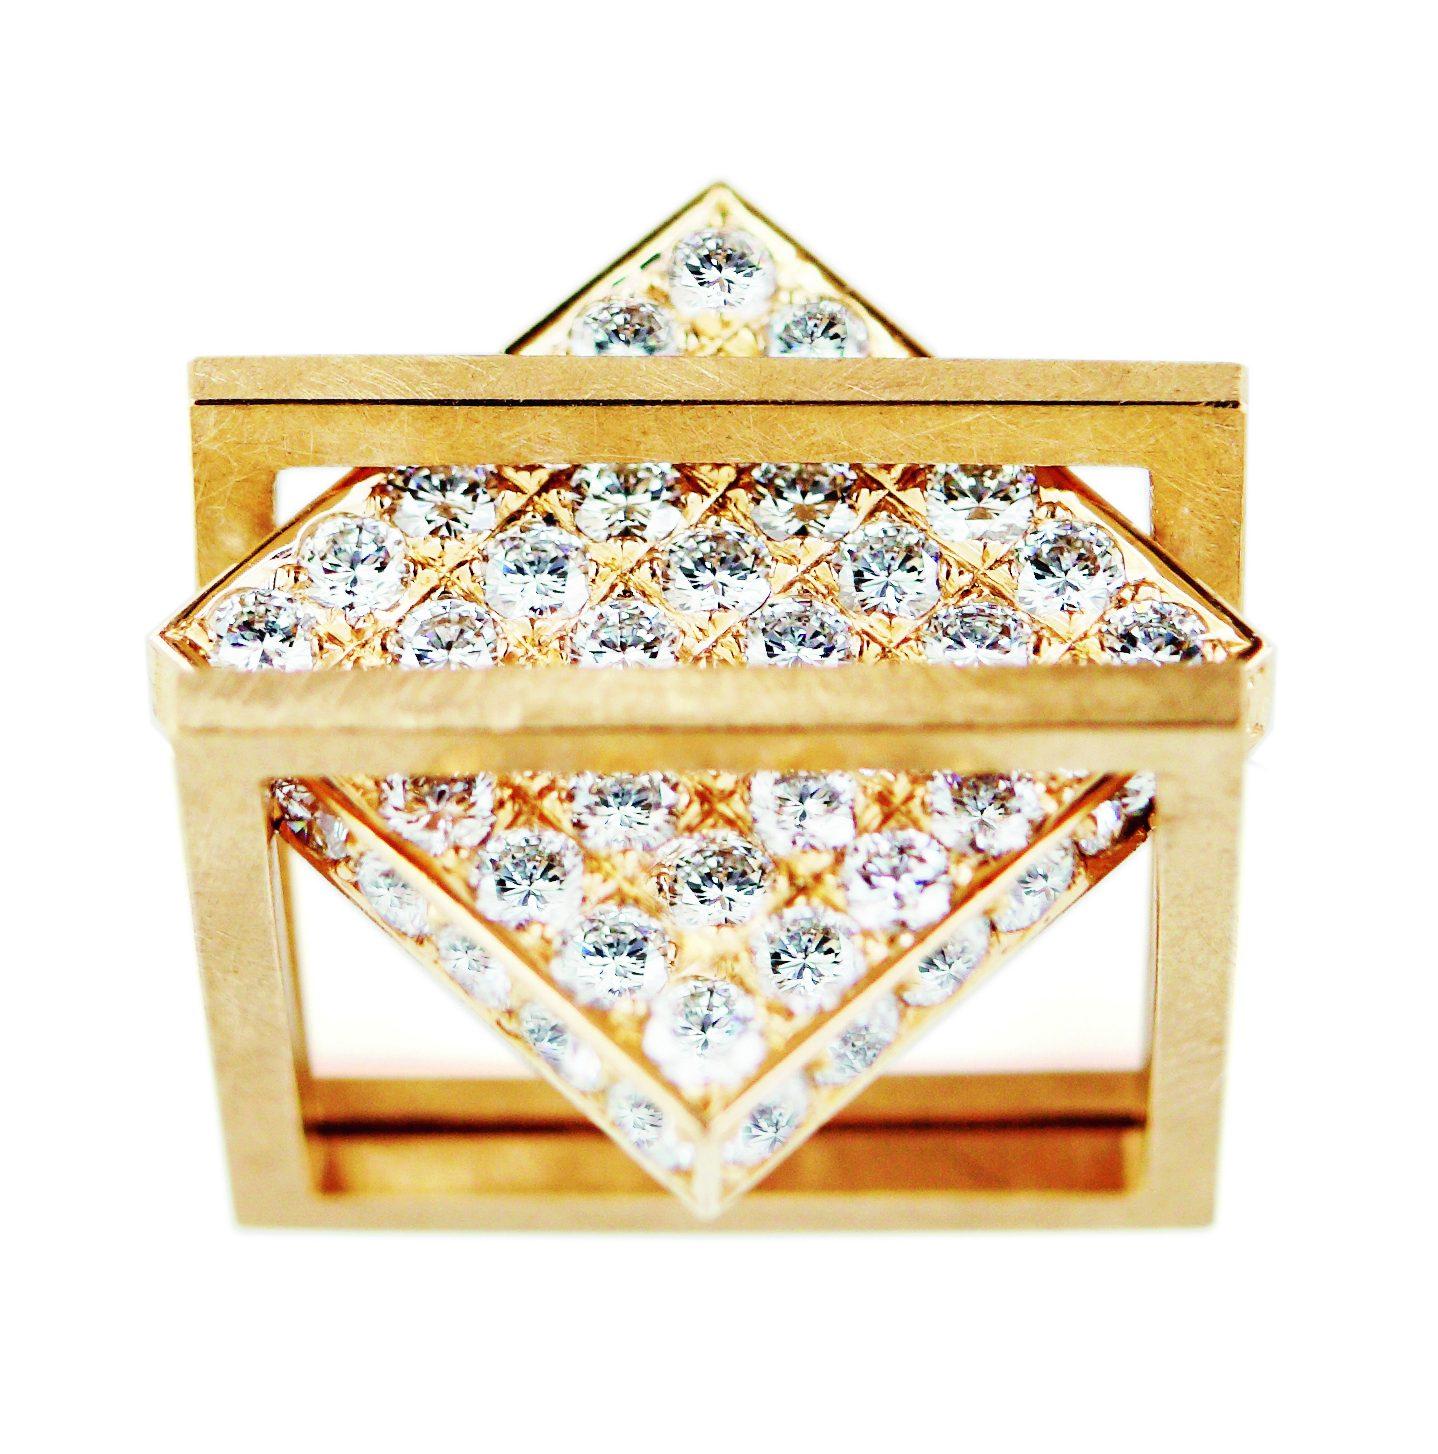 Peter de Wit, ring, 2011, goud, diamanten